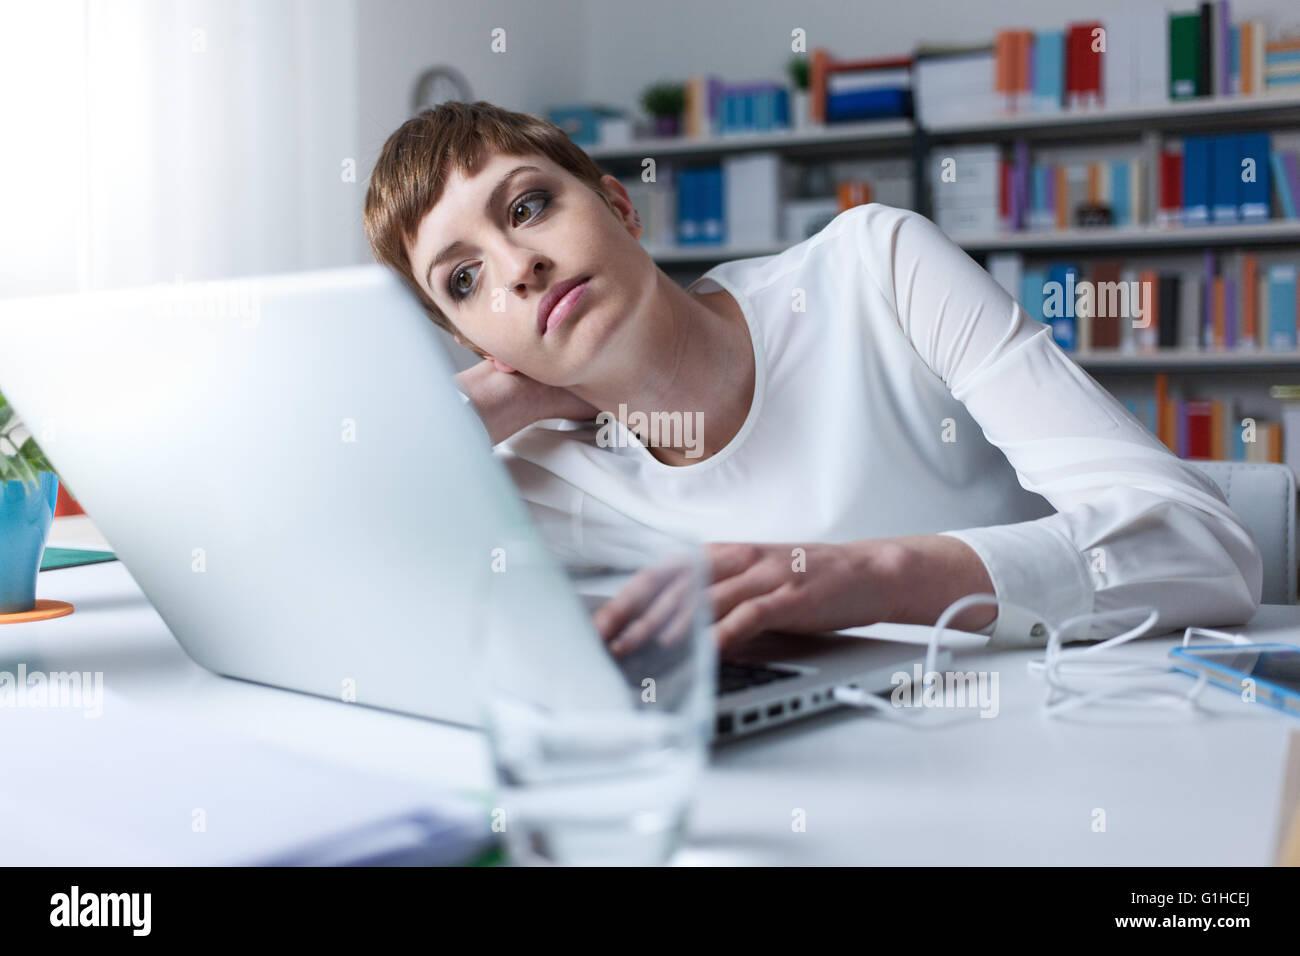 Müde Frau im Büro stützte sich auf ihre Hand ein mit einem laptop Stockbild